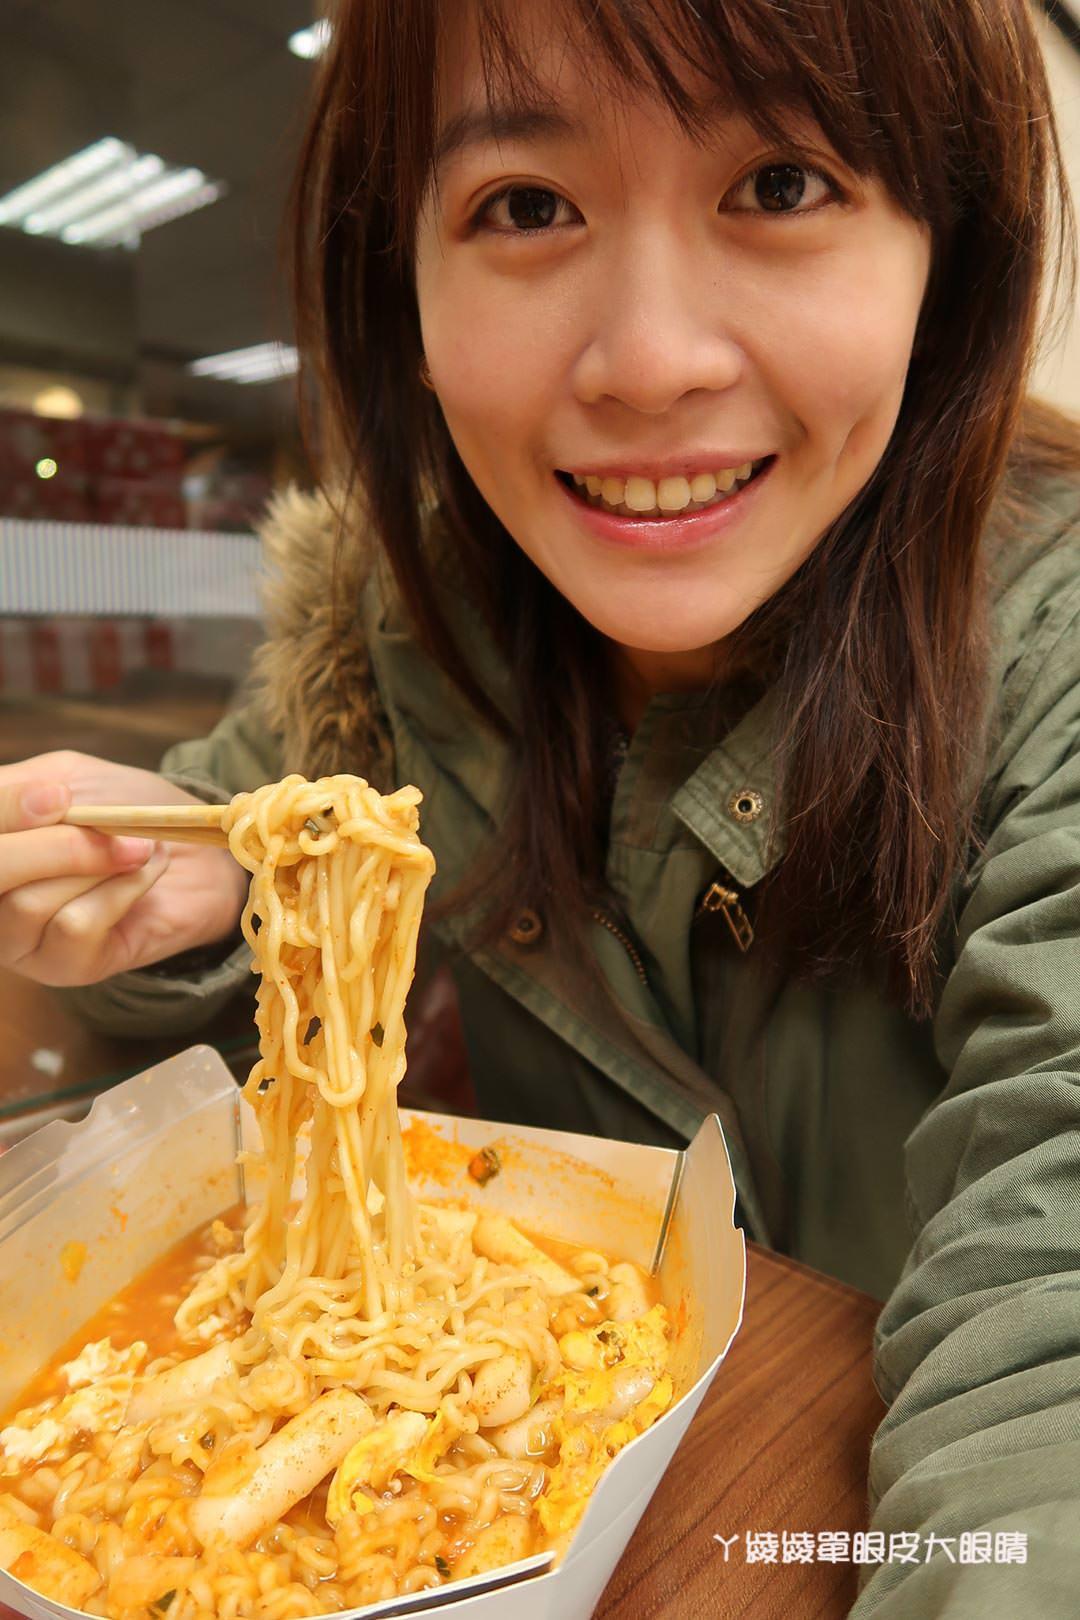 萊爾富韓國自助煮泡麵機!超人氣煮麵機教學影片及全台限定門市查詢